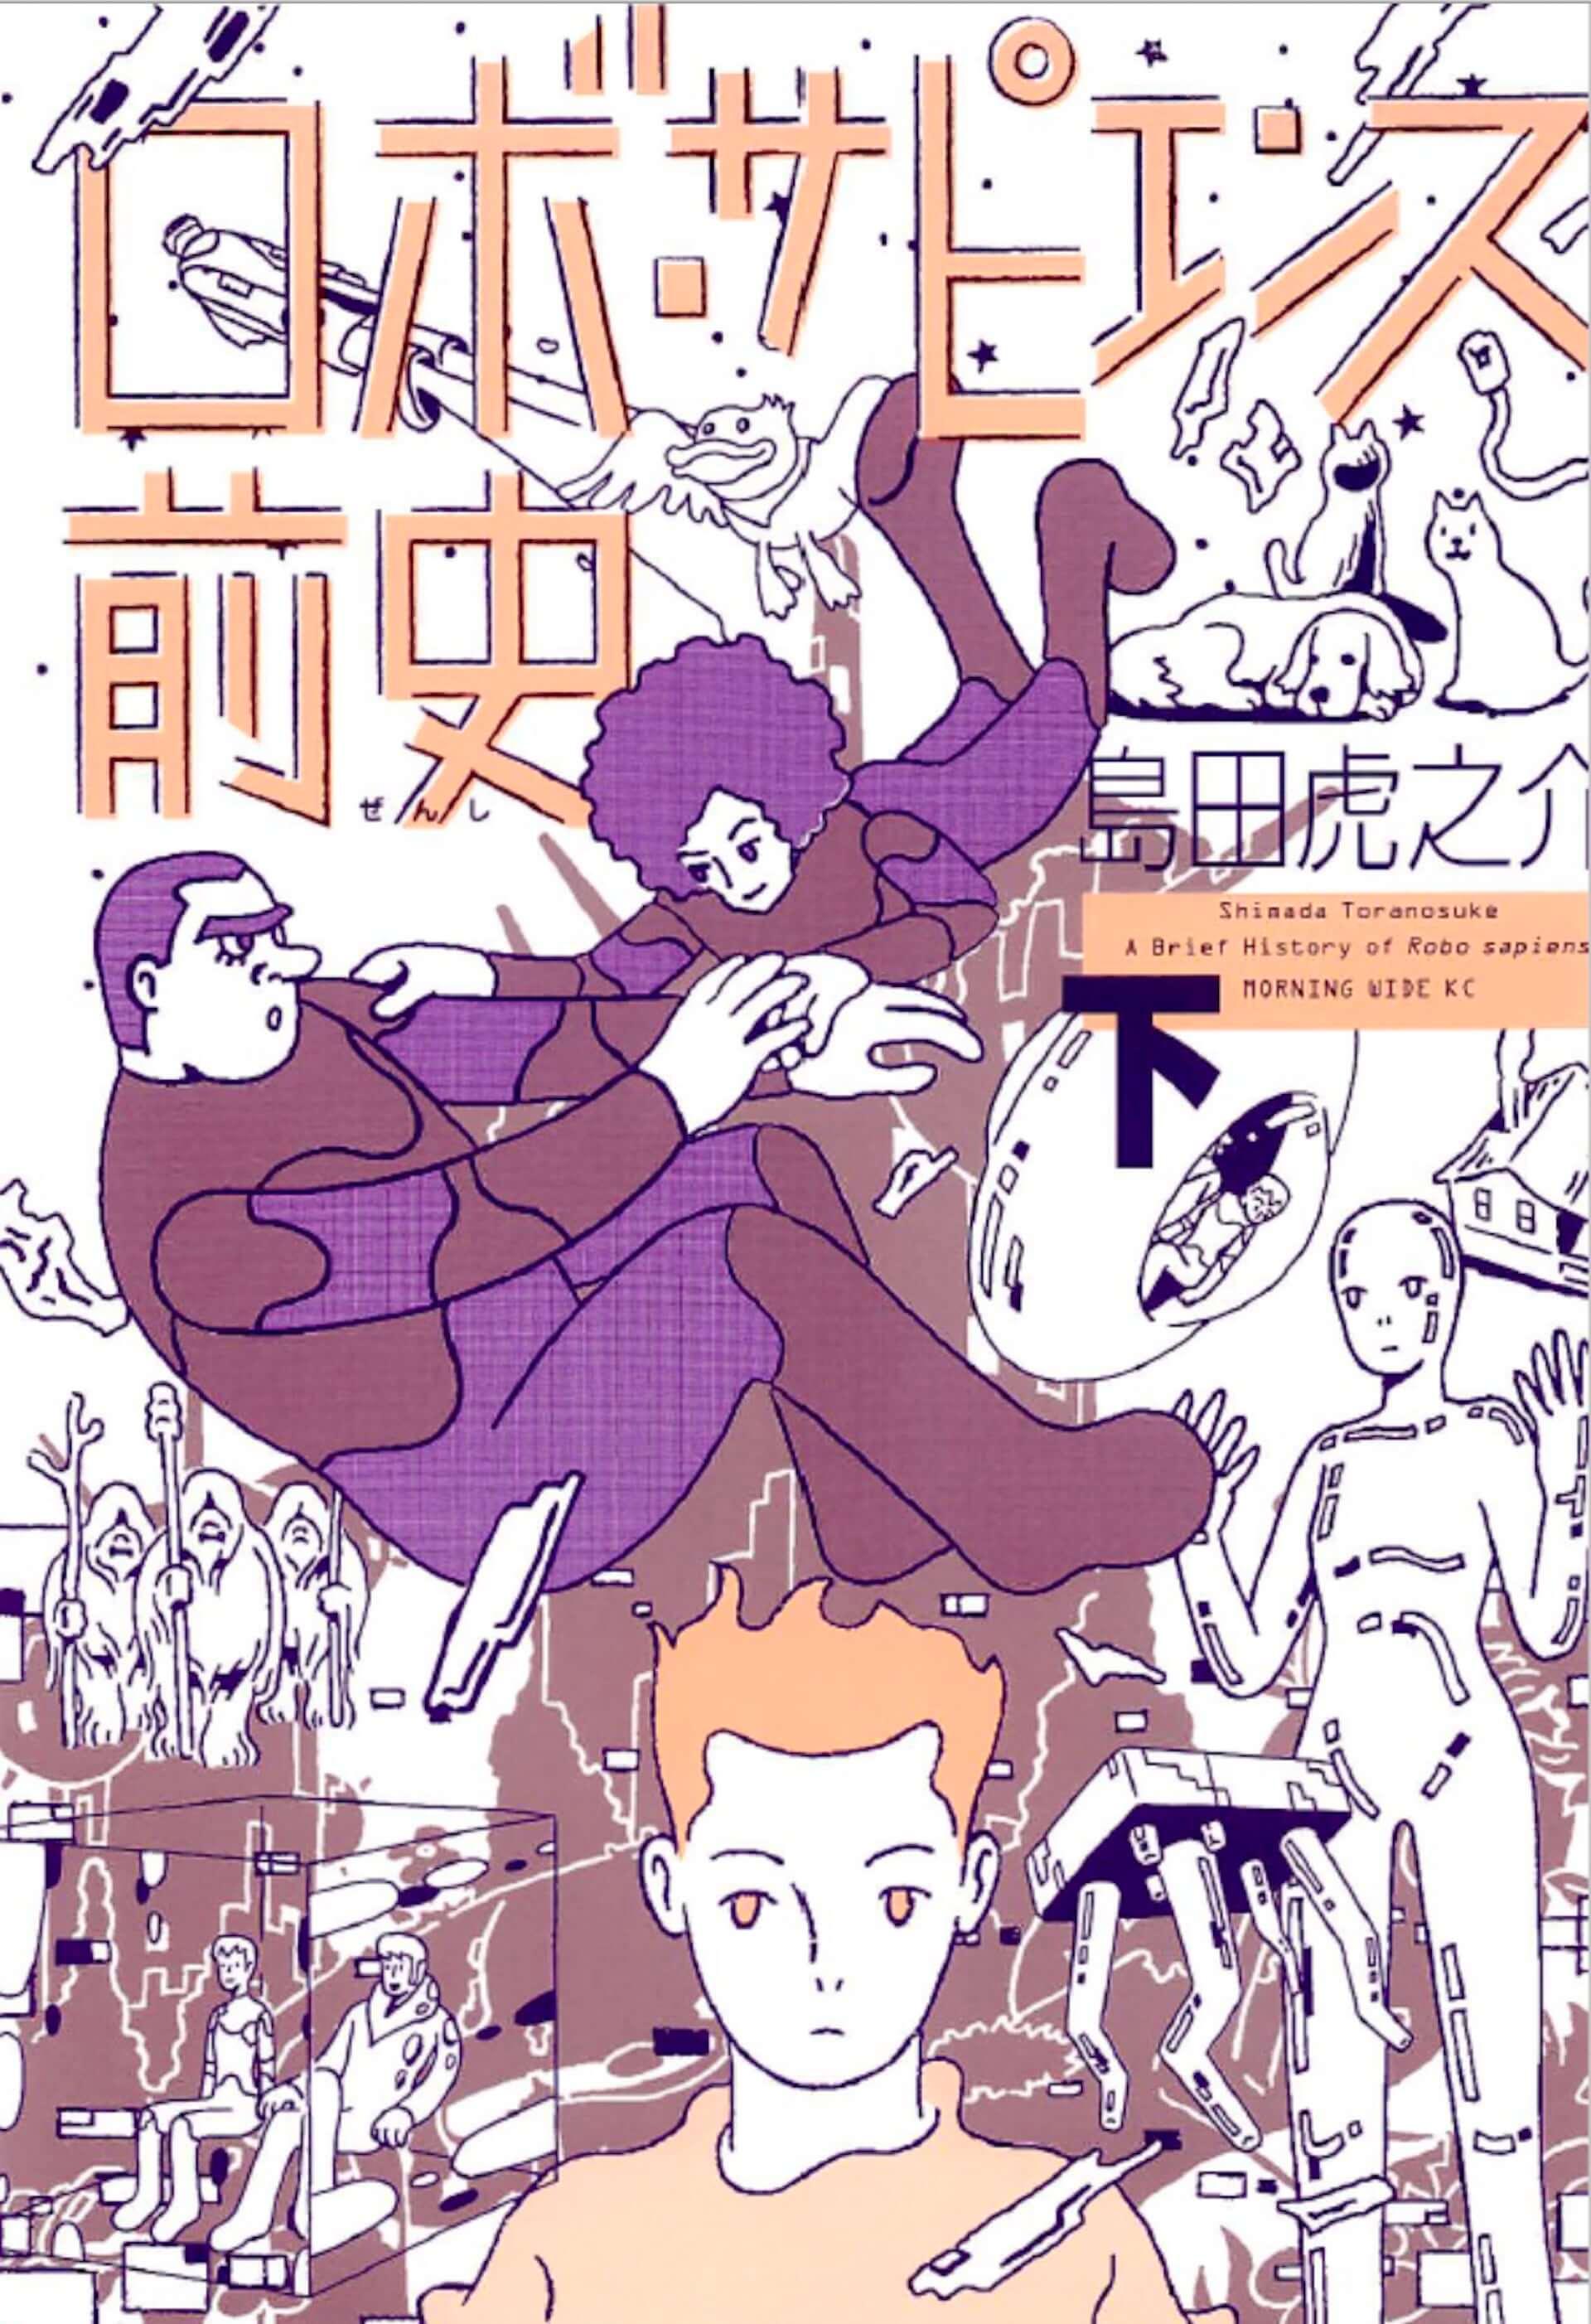 <第23回文化庁メディア芸術祭受賞作品展>が日本科学未来館で開催決定!VRカメラによるオンラインコンテンツも展開 art200910_mediaartsfes_14-1920x2804